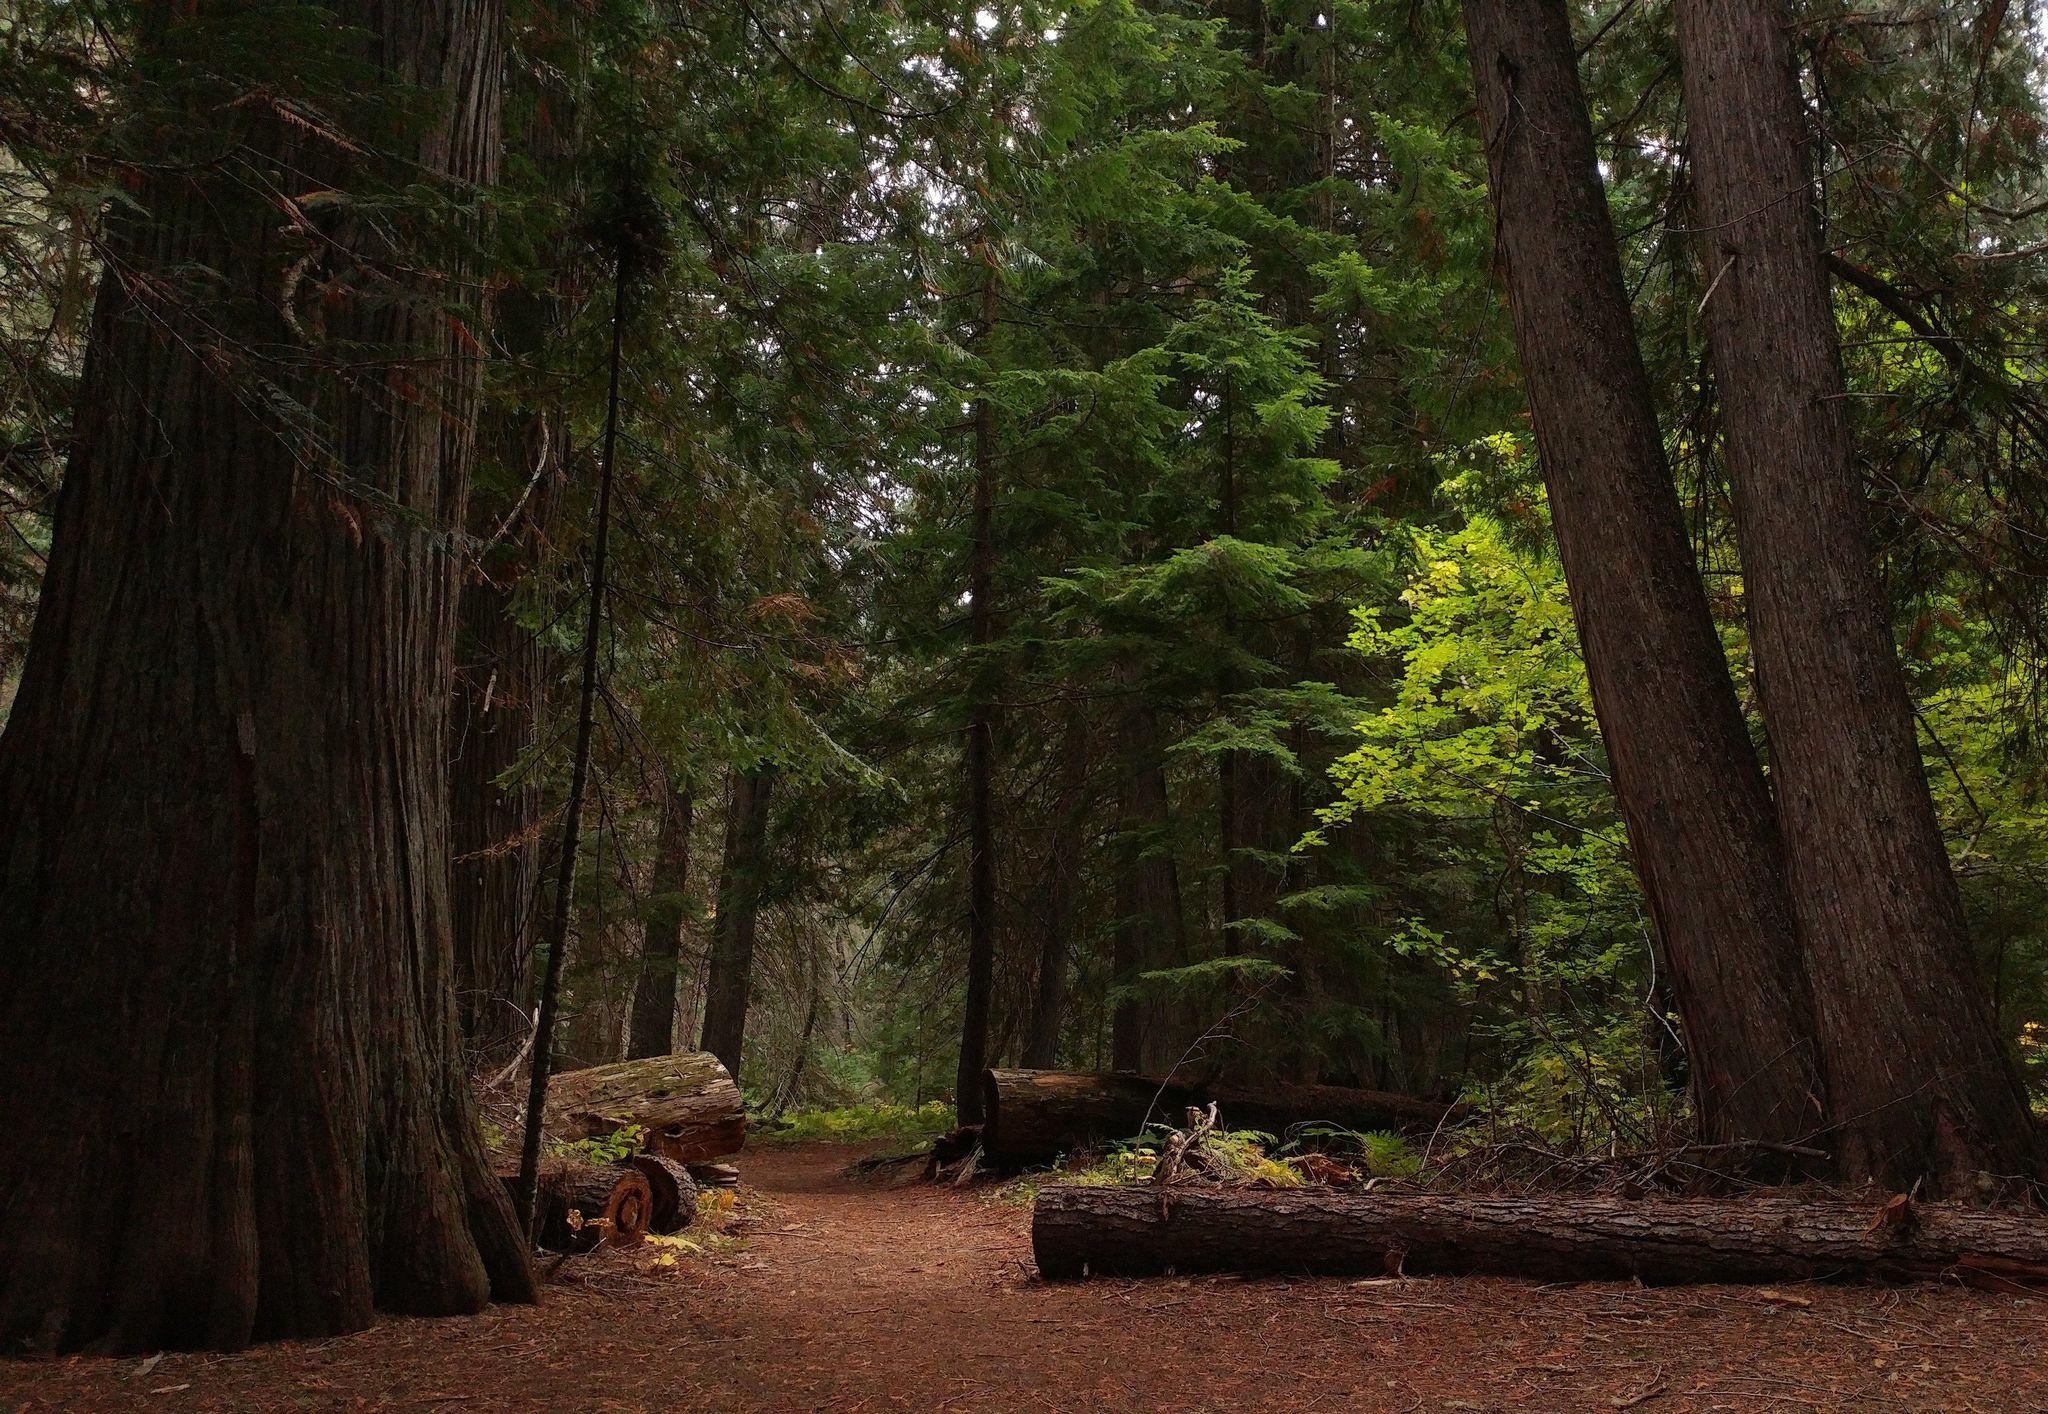 Settler's Grove Trail